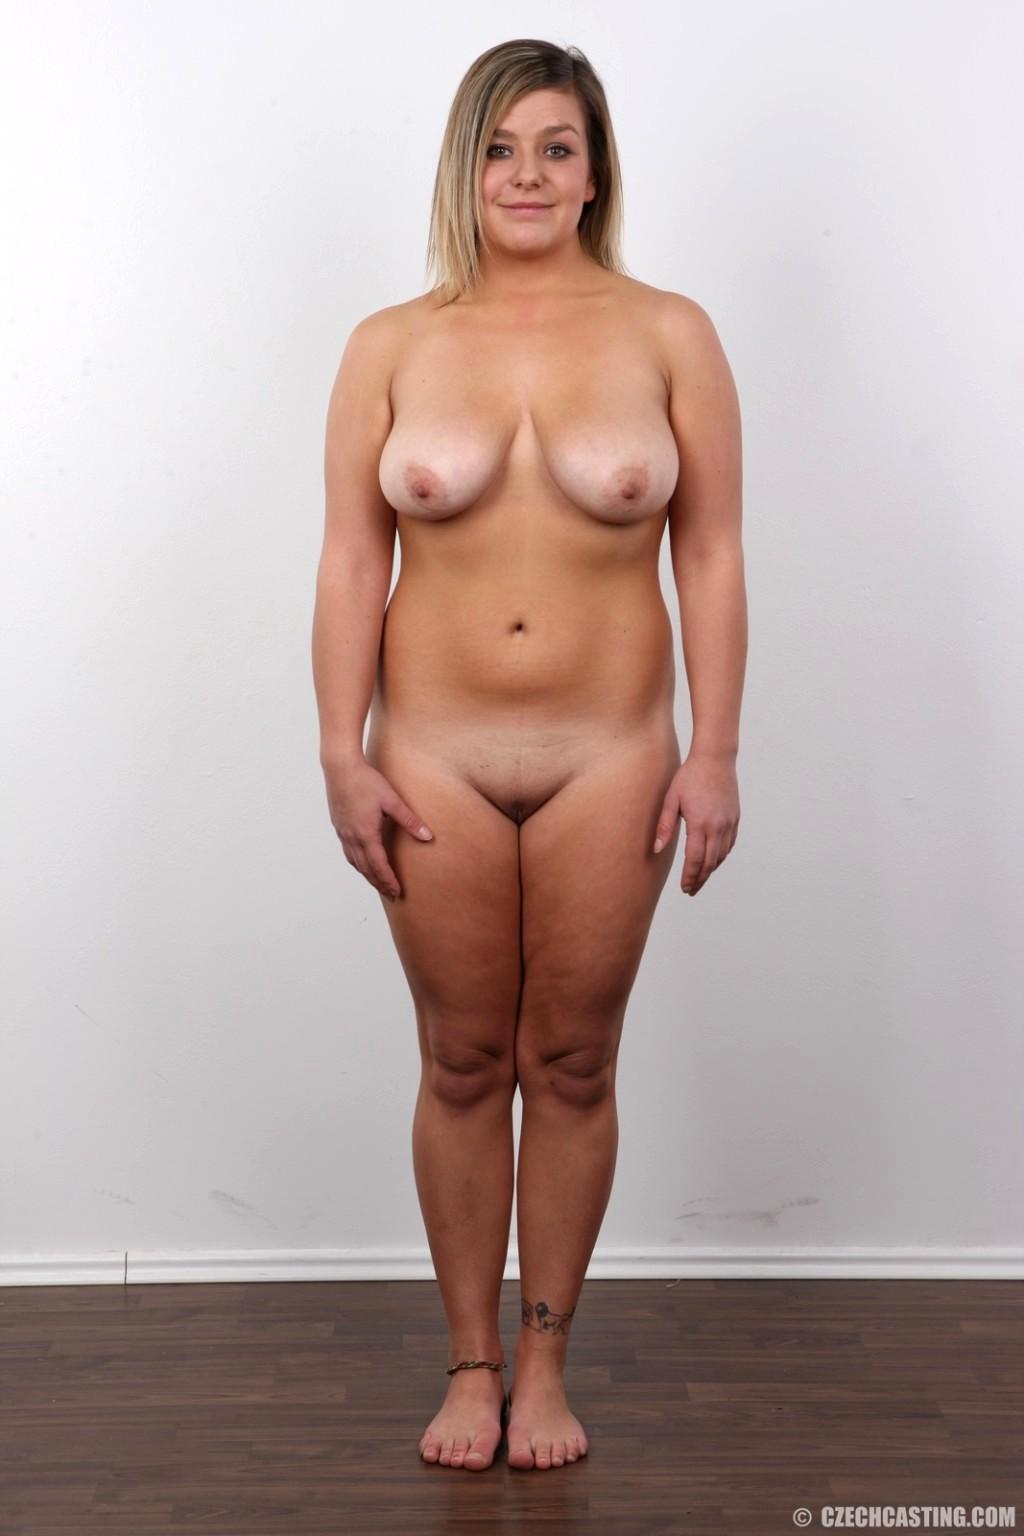 Bbw huge tits x4 vol2 bbwmx - 1 6